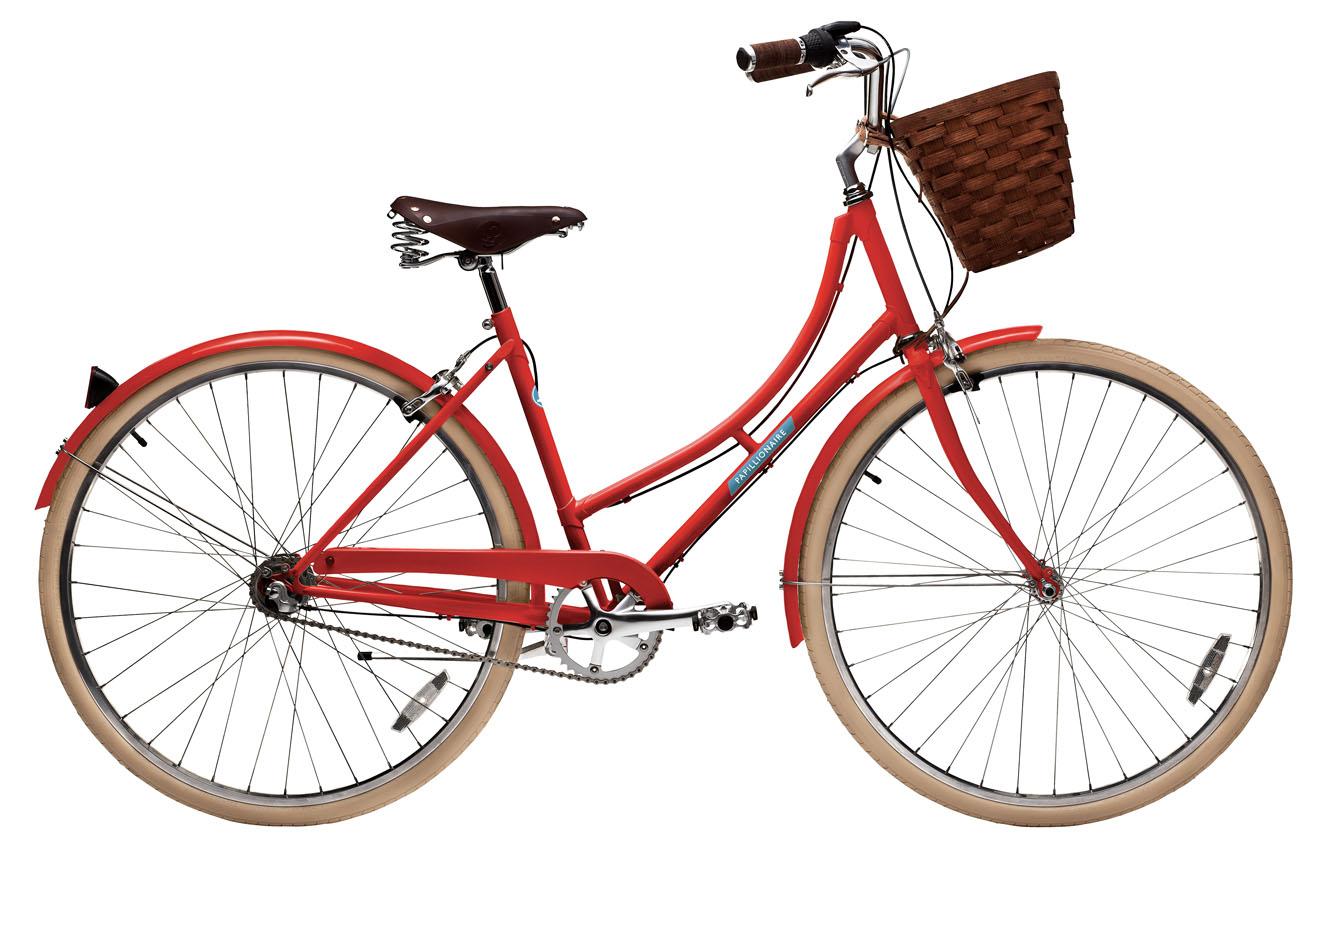 Trek Chelsea 9 City Bike Review | Momentum Mag